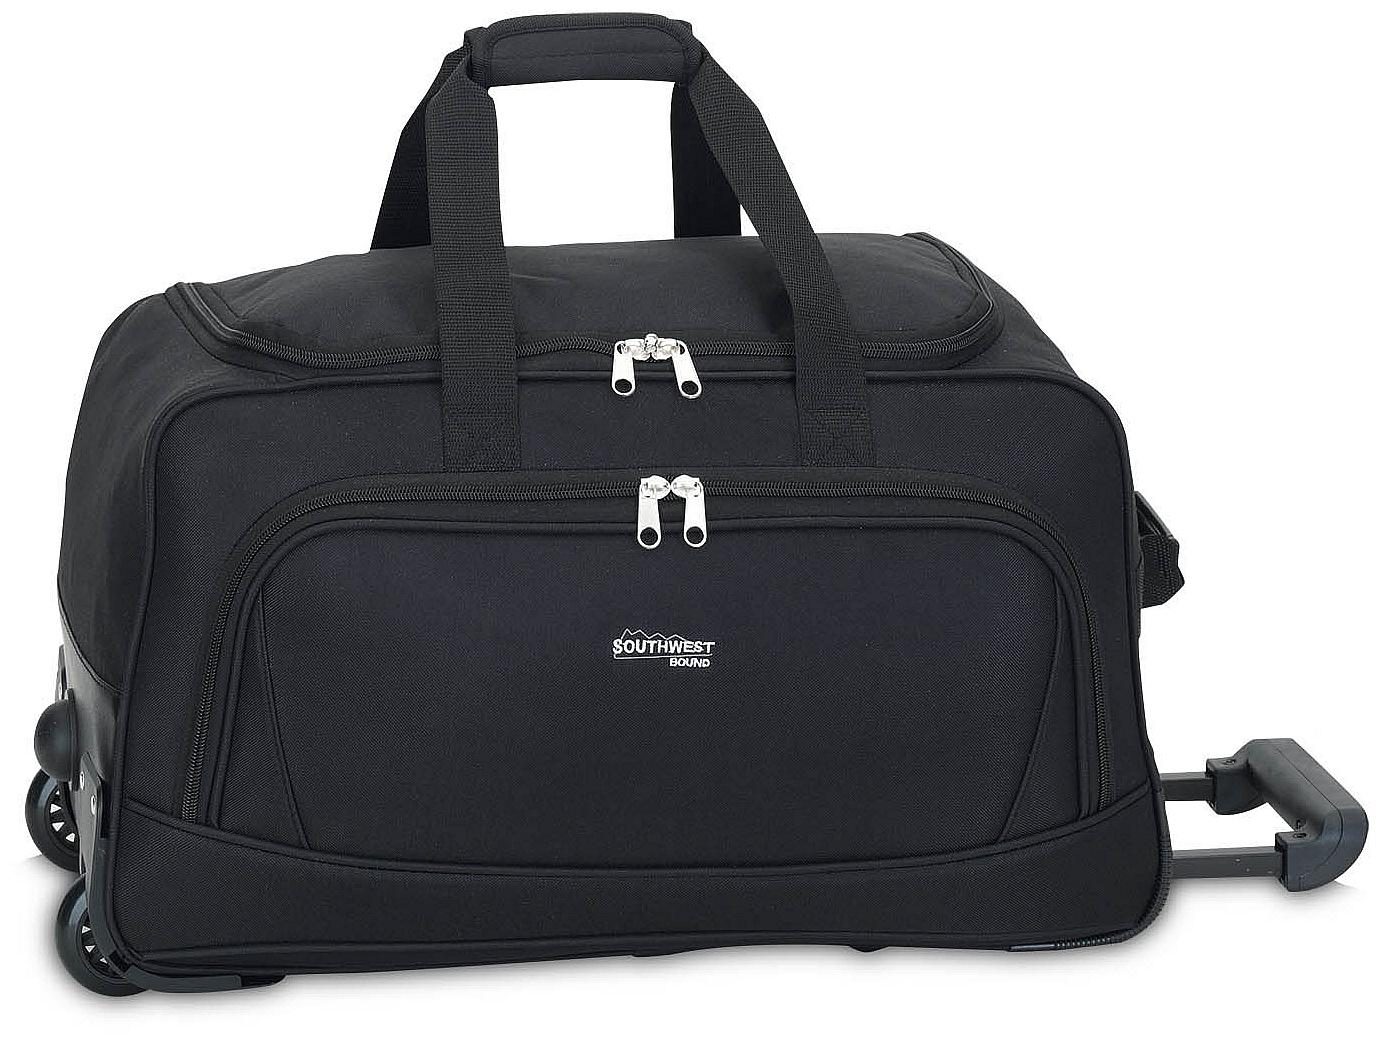 Southwest Cestovní taška na kolečkách 30207-0100 černá